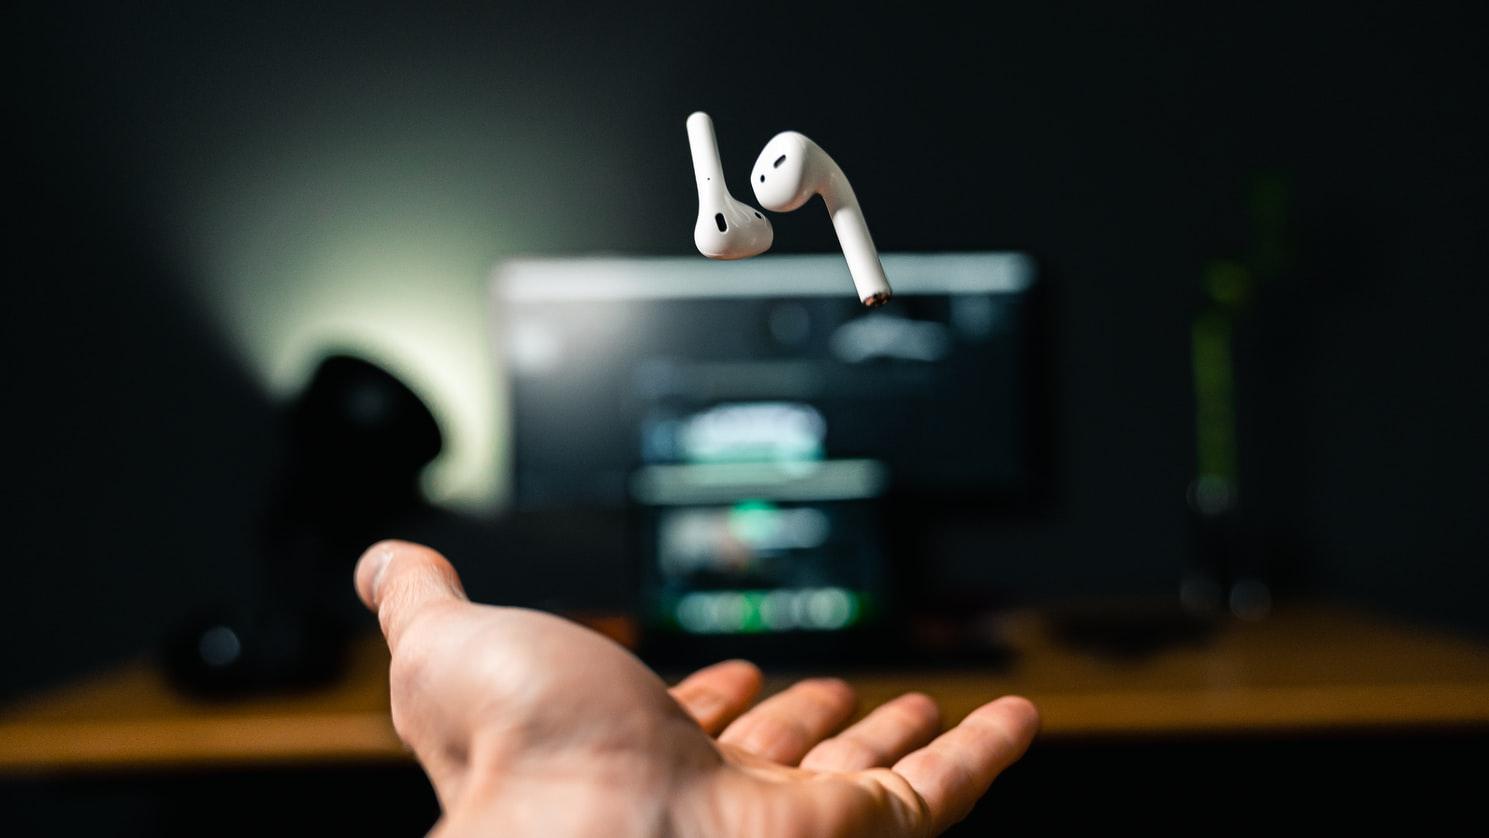 Firma Panasonic zaprezentowała odkurzacz do zbierania zagubionych słuchawek z torów kolejowych